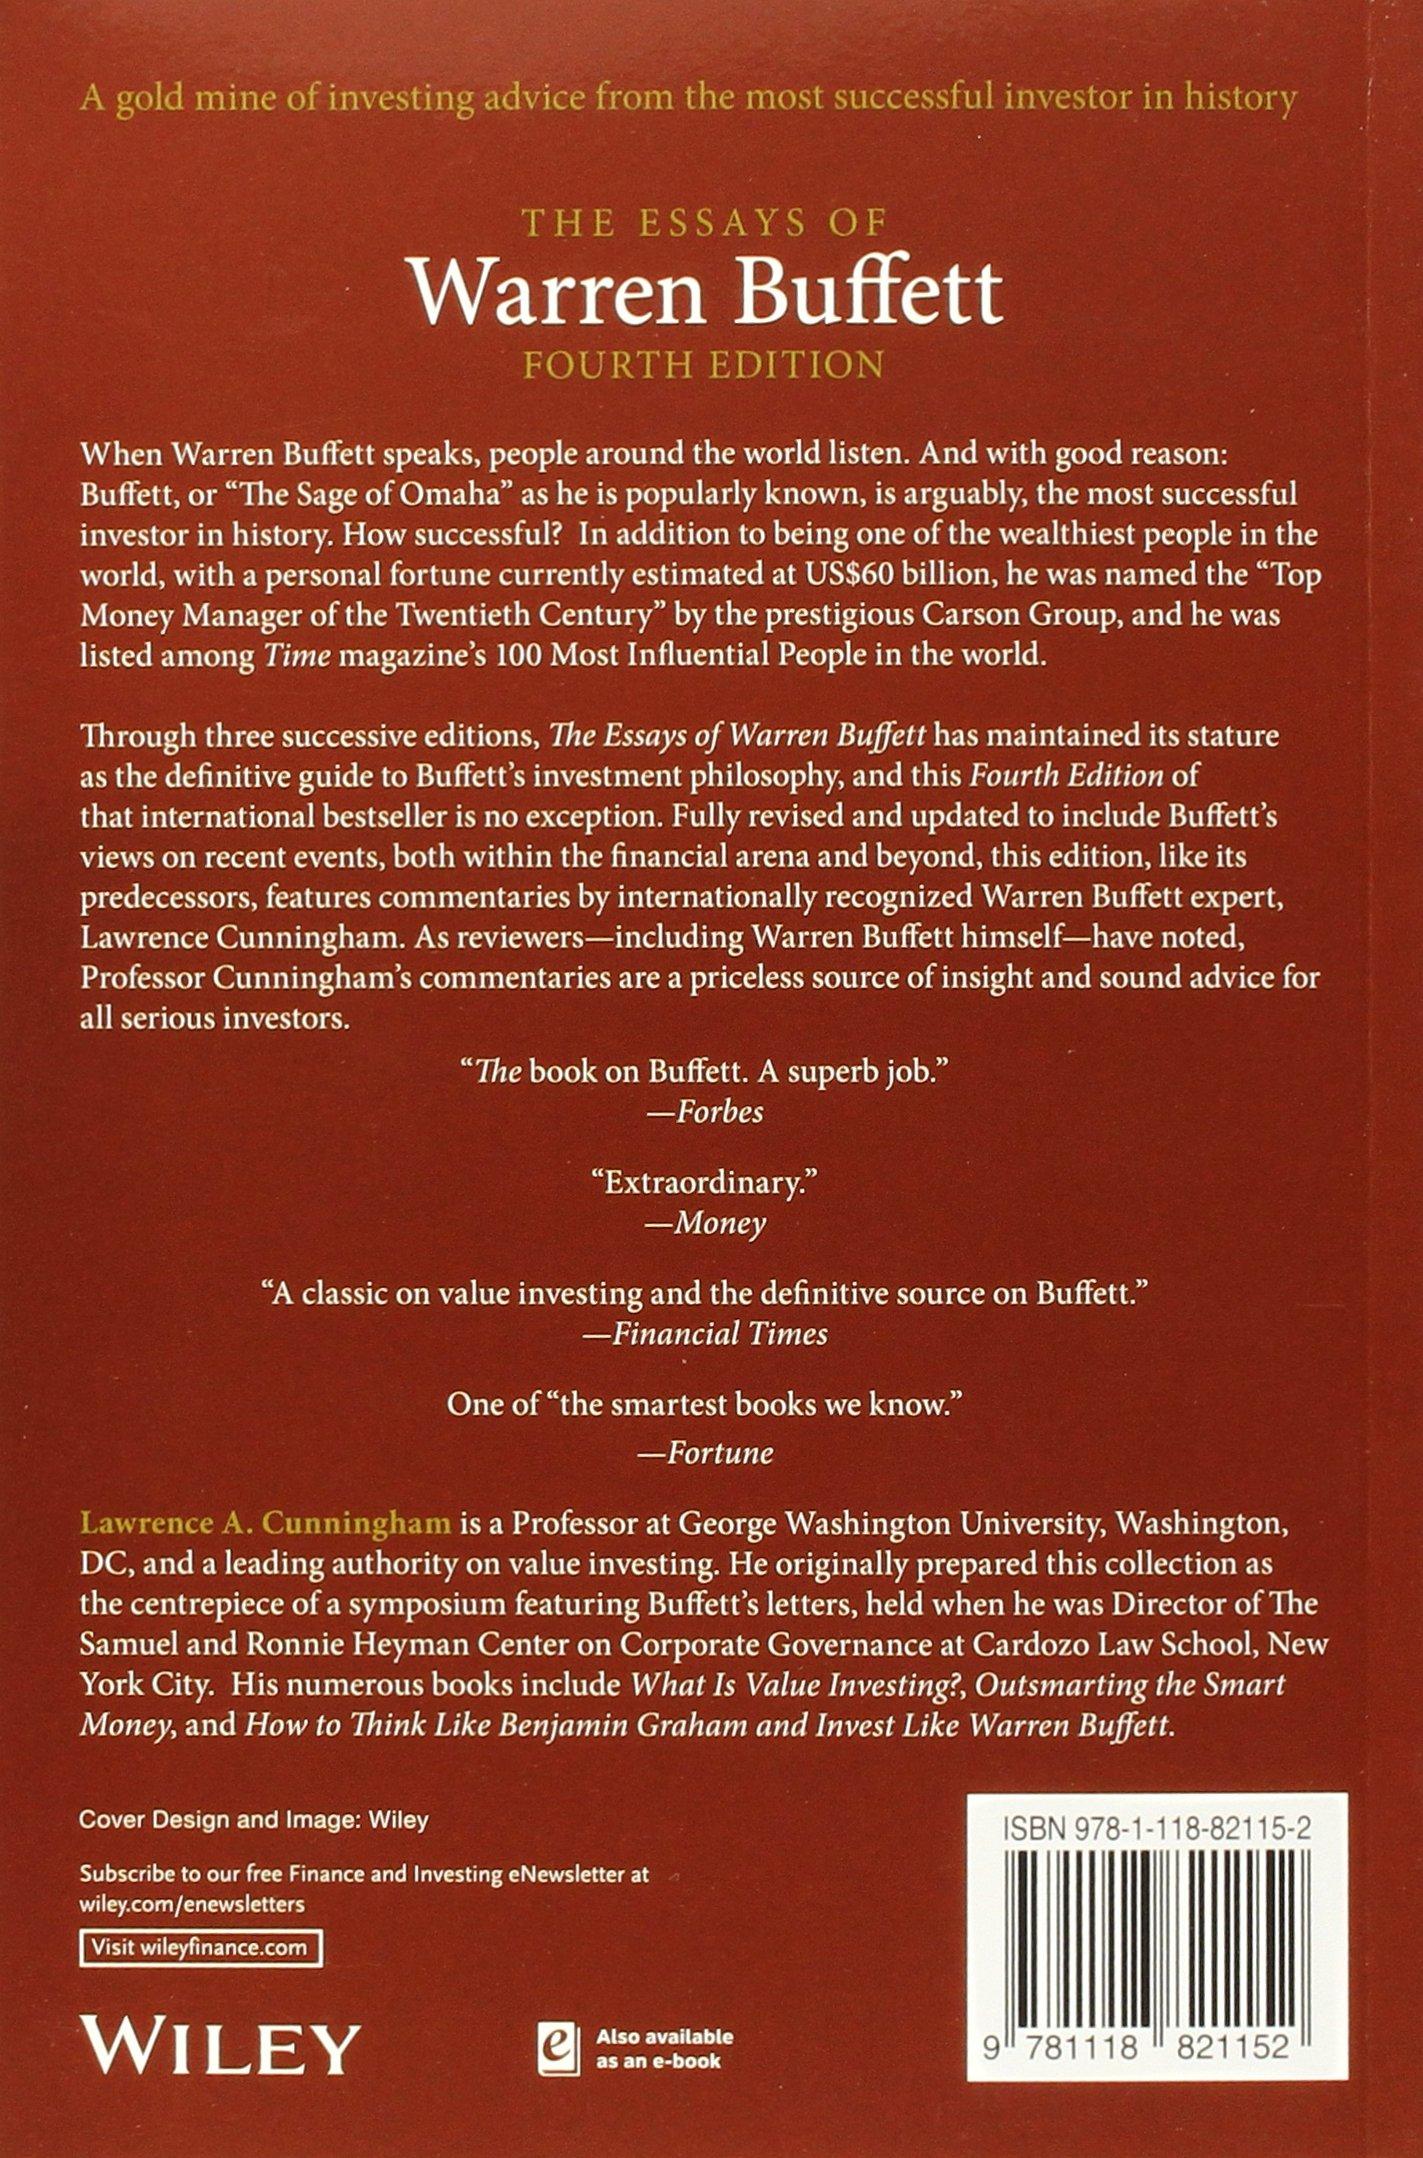 007 91viw96oq0l Die Essays Von Warren Buffett Essay Archaicawful Pdf Full